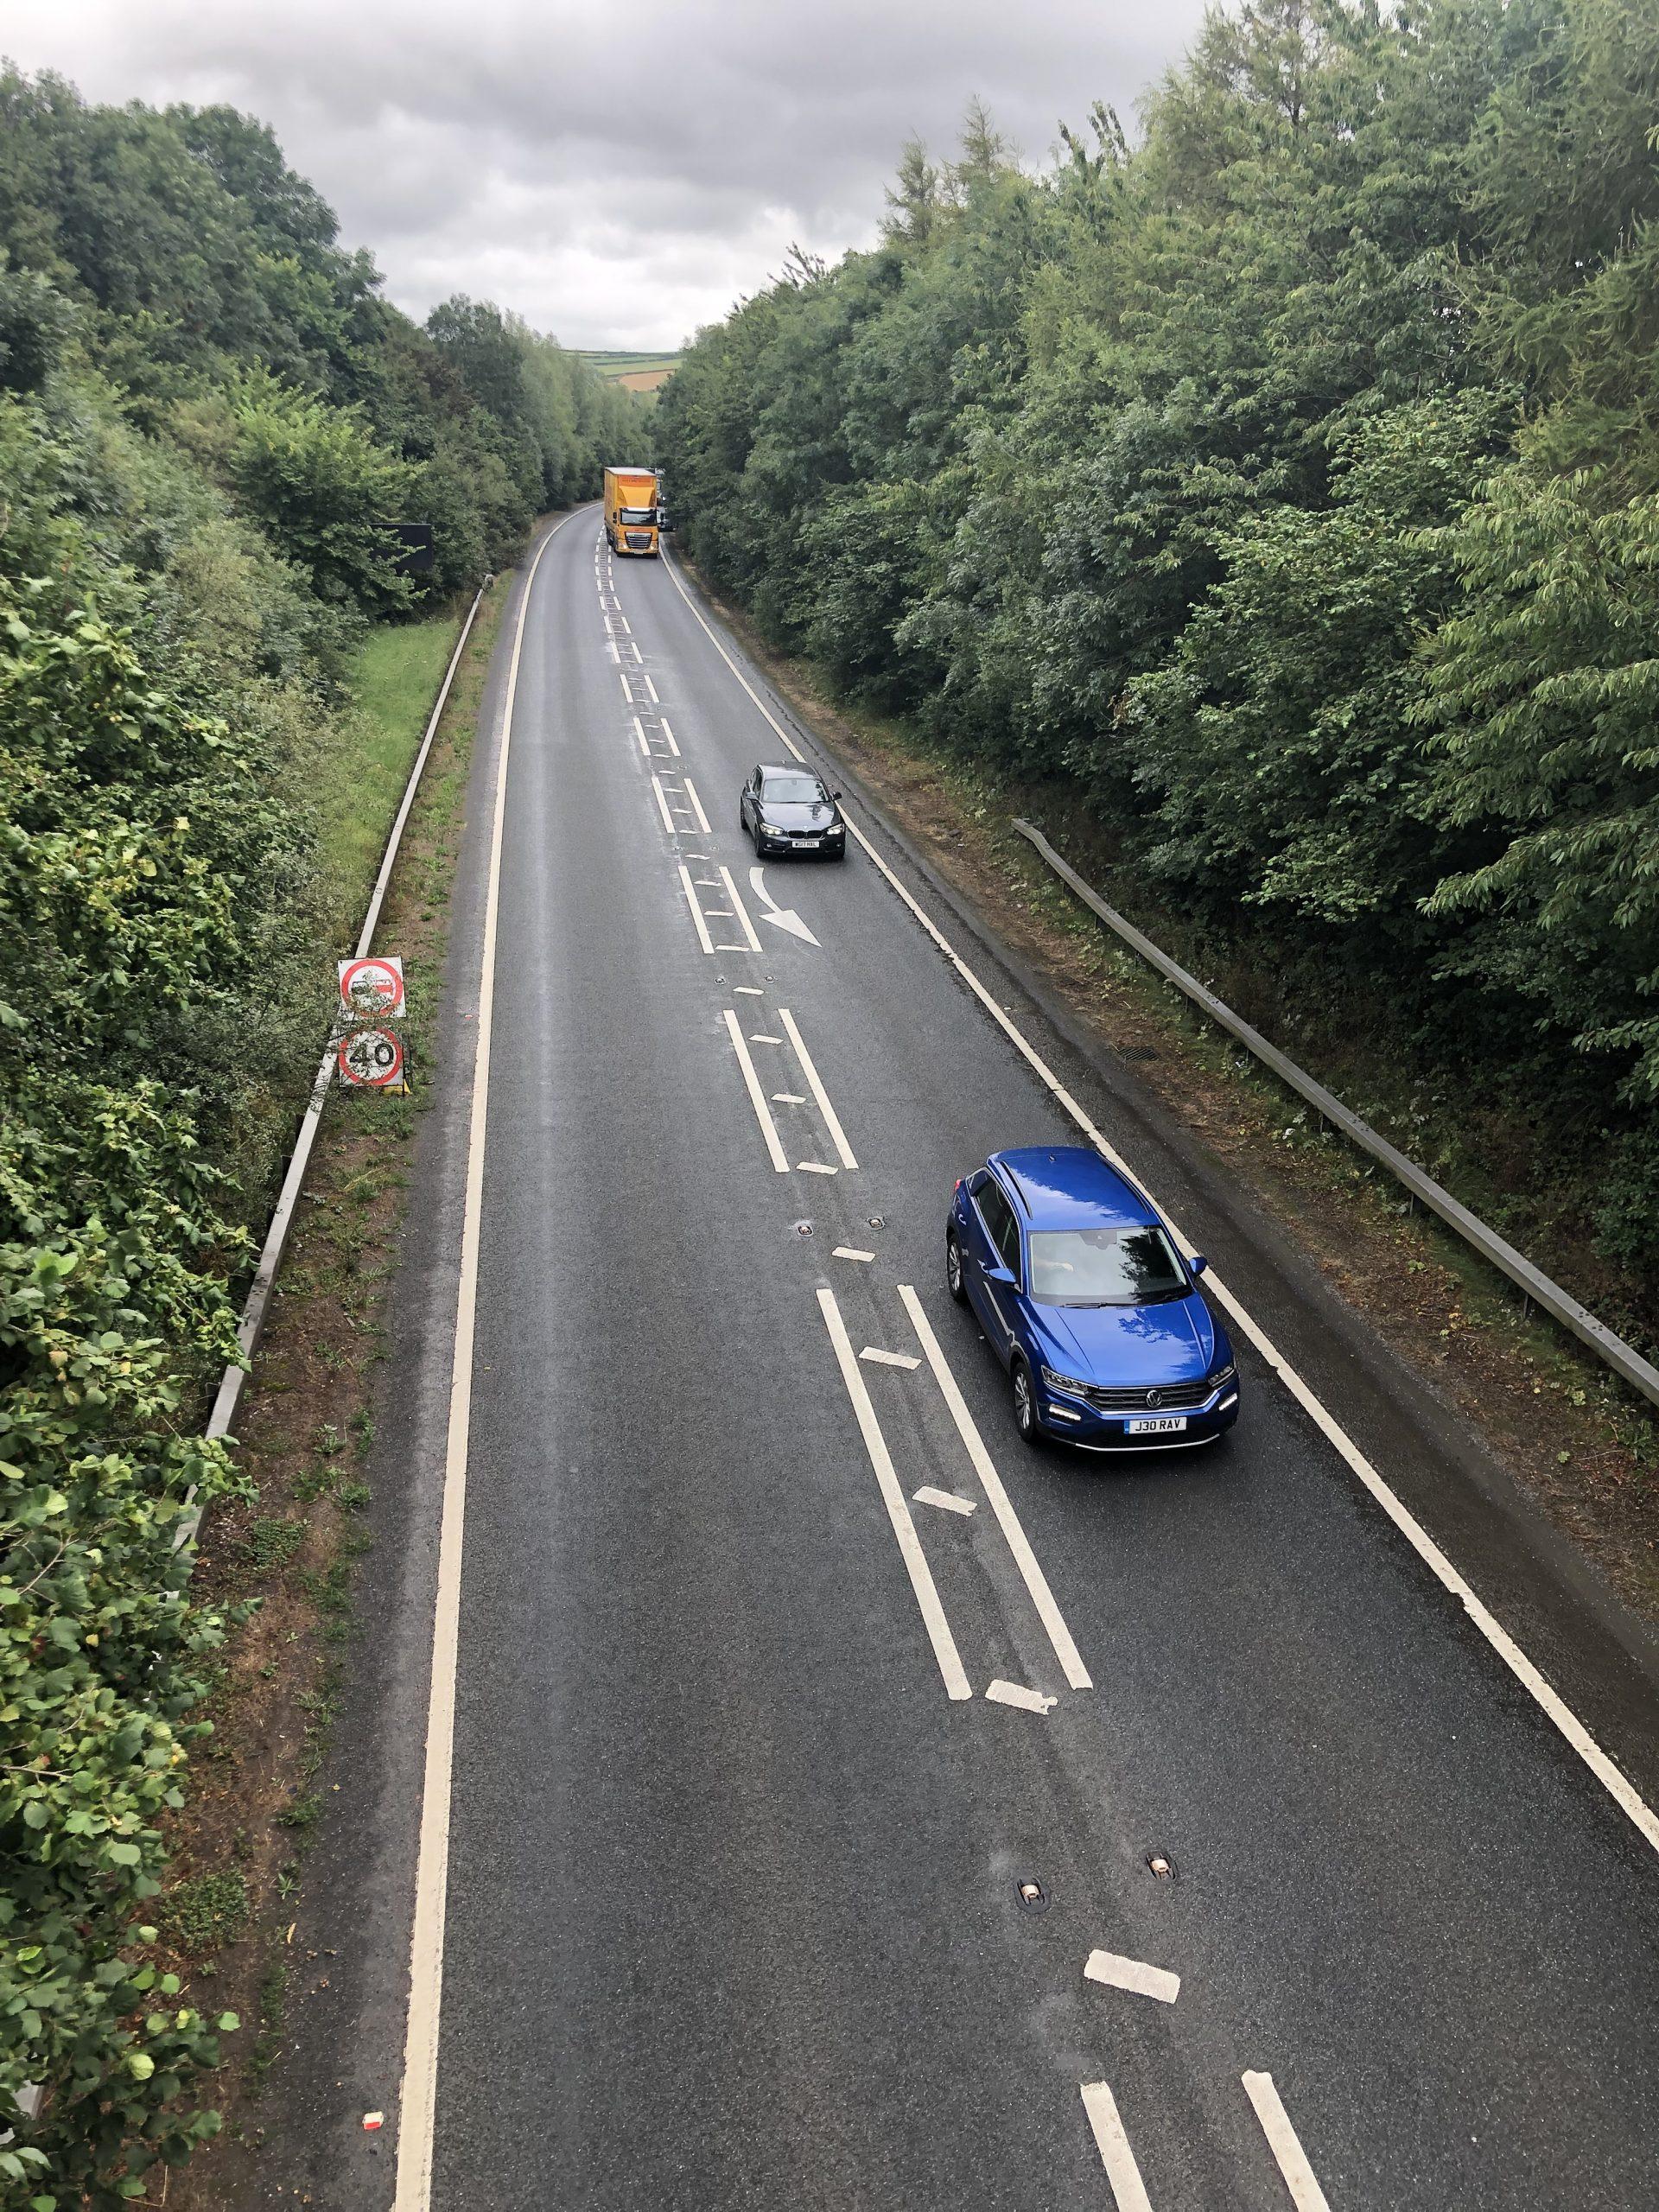 road-safety-audit